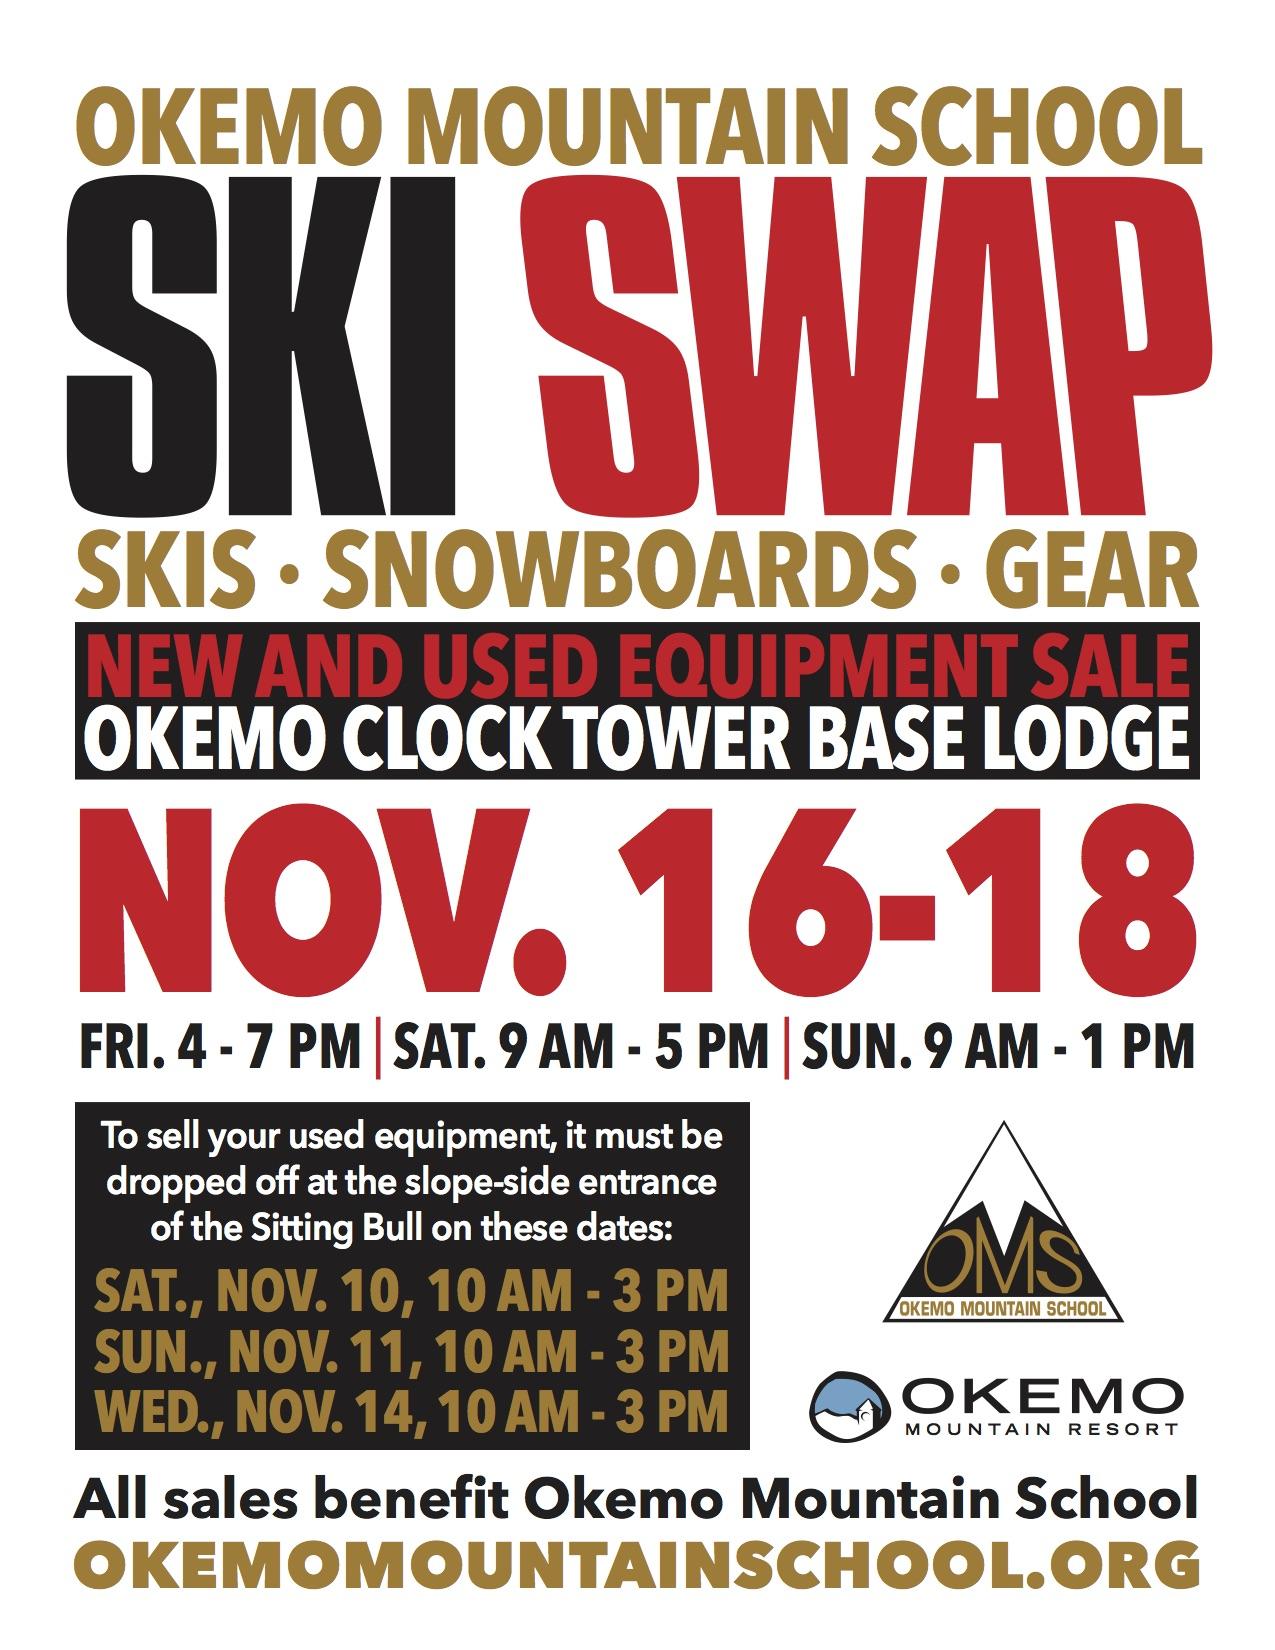 Ski Swap Flyer 18.jpg